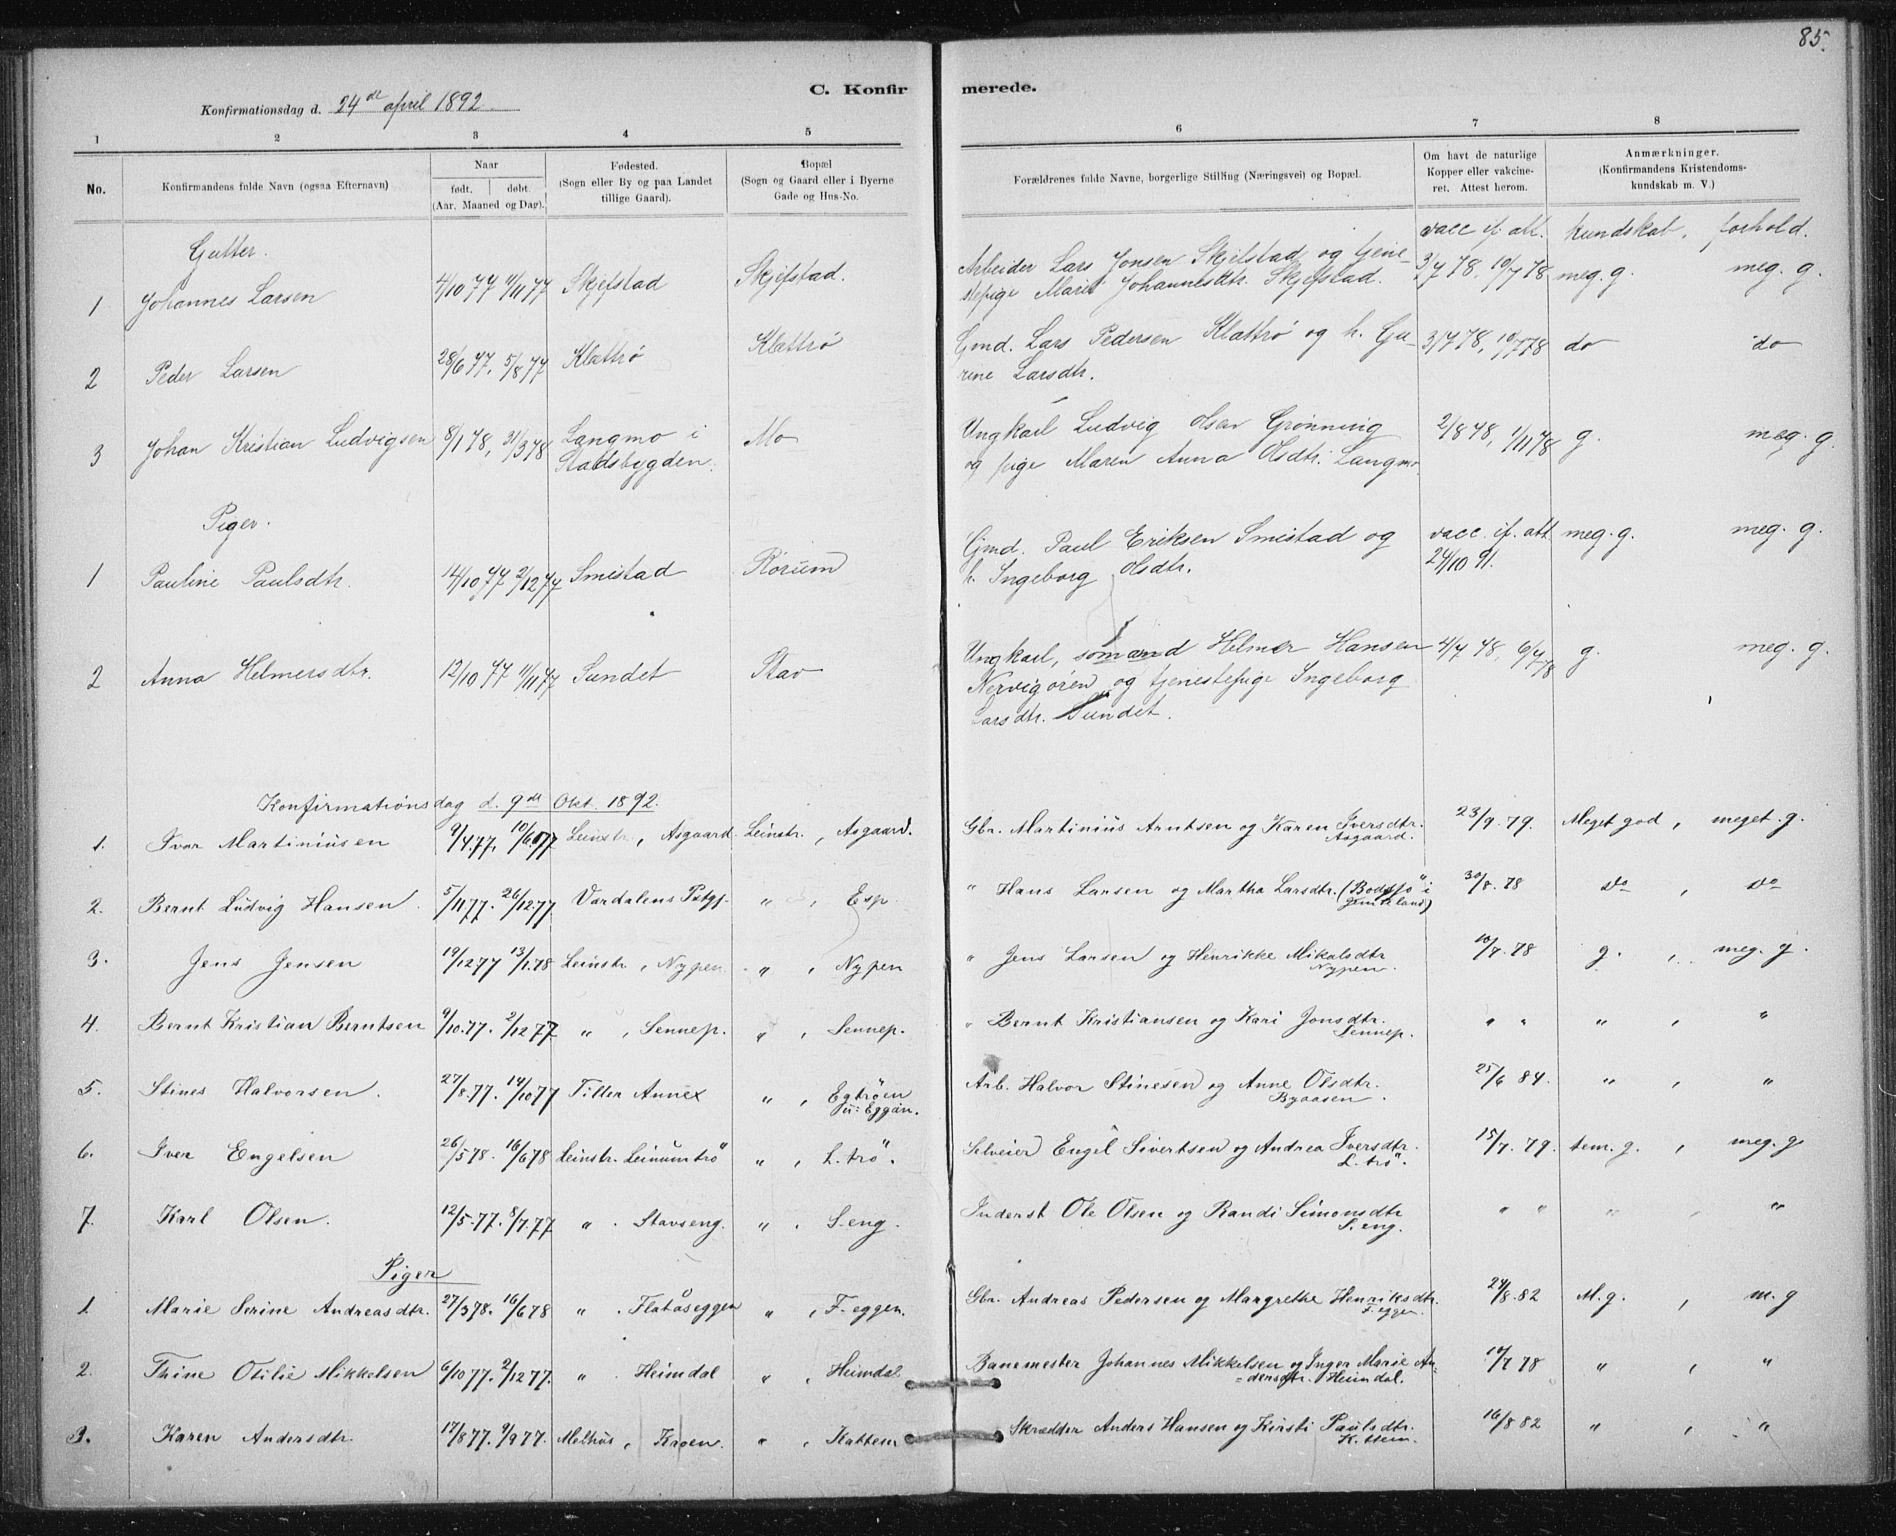 SAT, Ministerialprotokoller, klokkerbøker og fødselsregistre - Sør-Trøndelag, 613/L0392: Ministerialbok nr. 613A01, 1887-1906, s. 85